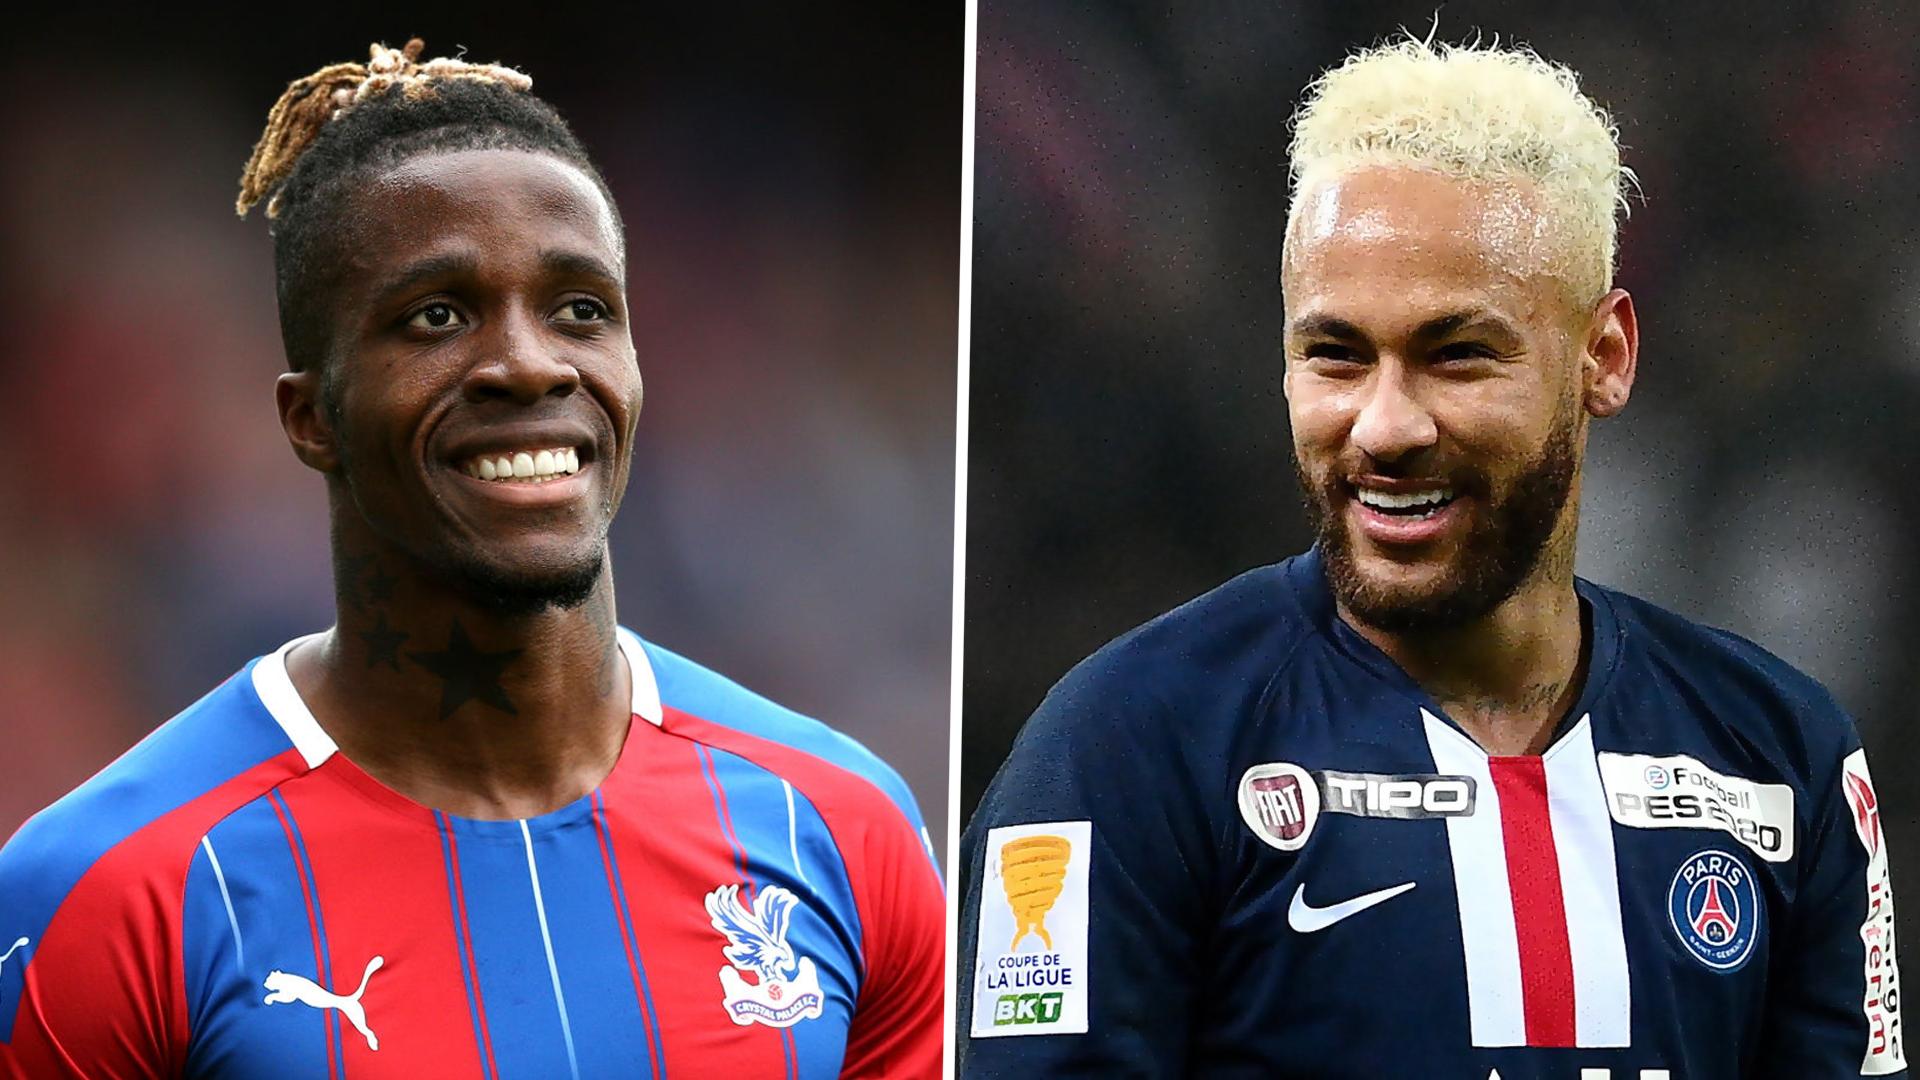 Zaha has  a Neymar kind of ability , says former Crystal Palace team - mate Bolasie